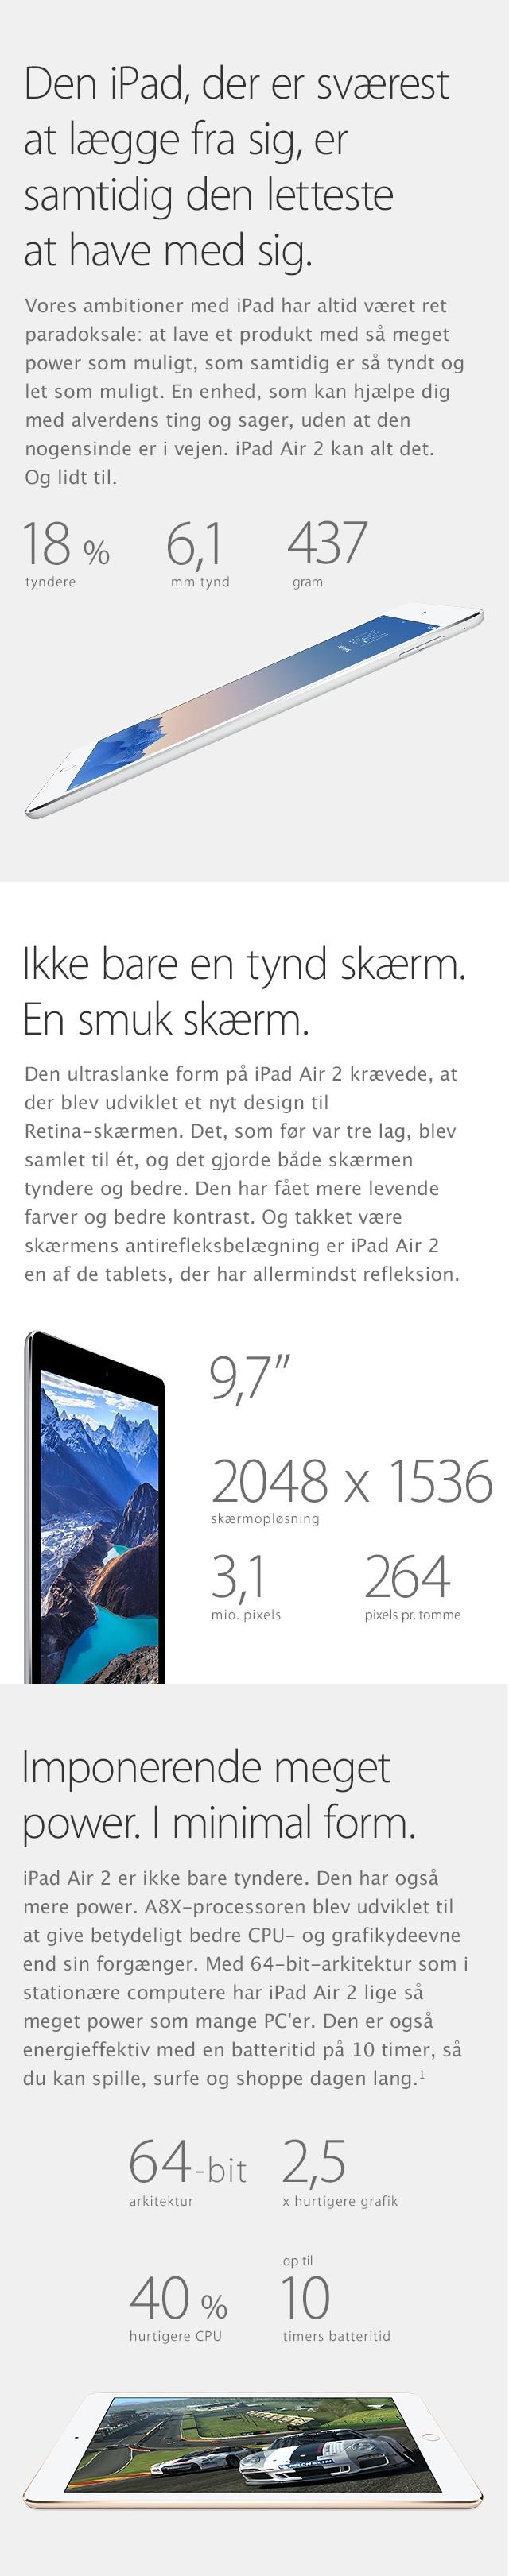 Tablet og iPad har vi altid til billige priser IPad, Surfplatta - Datorer Tillbehör